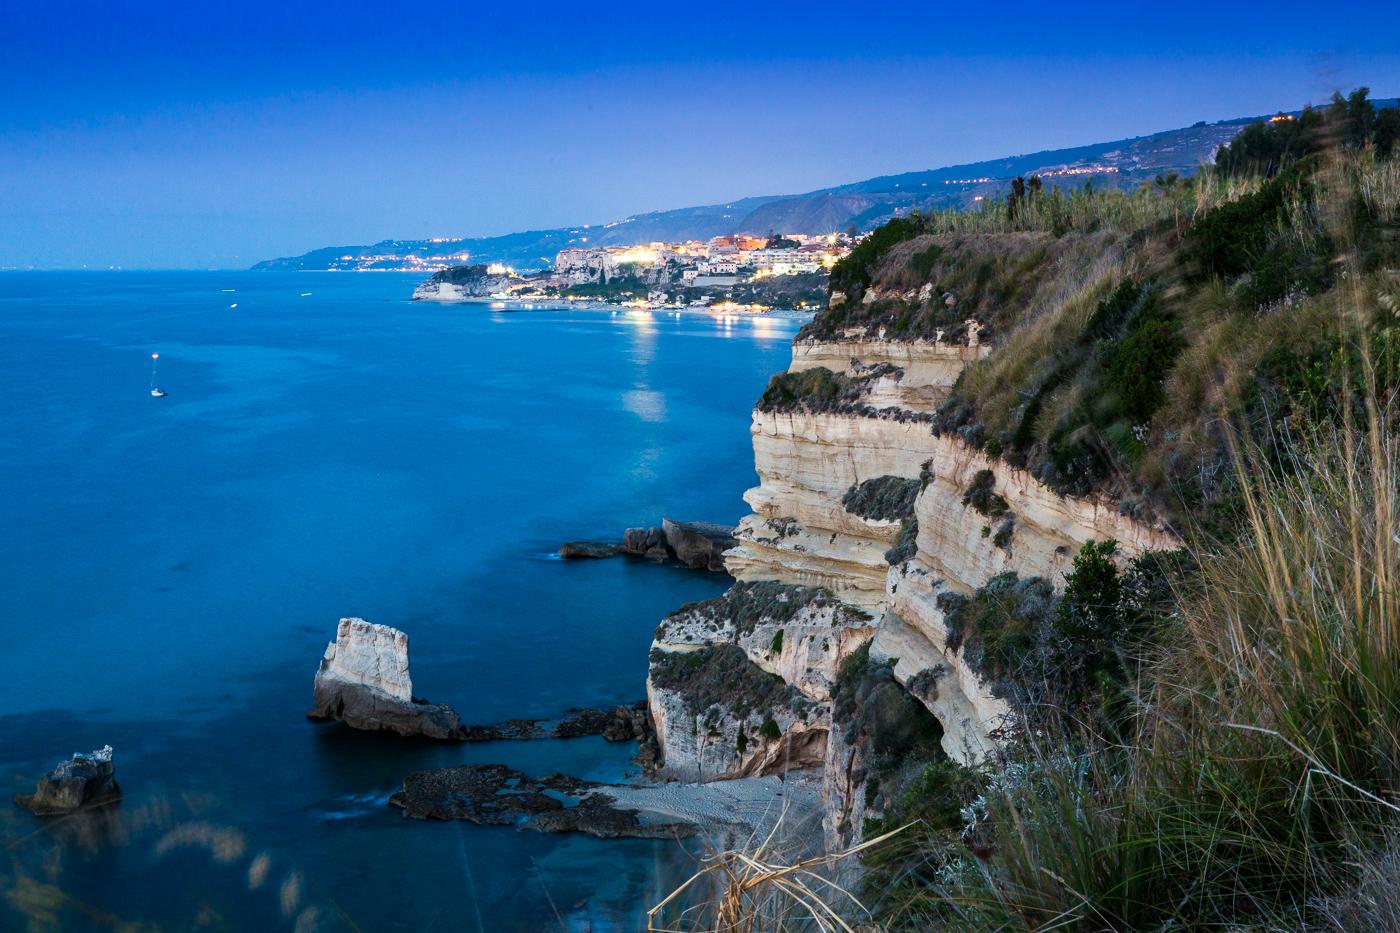 Italy_Tropea-6.jpg